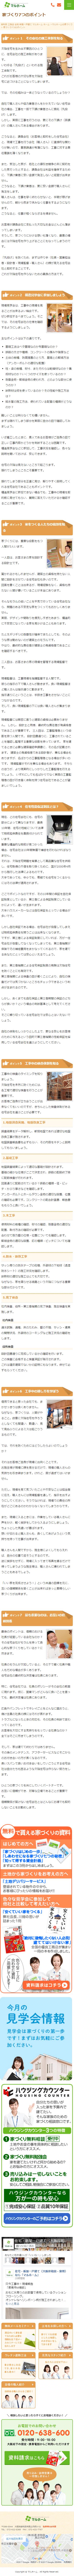 岸和田市 株式会社マルホーム様 ホームページ制作4